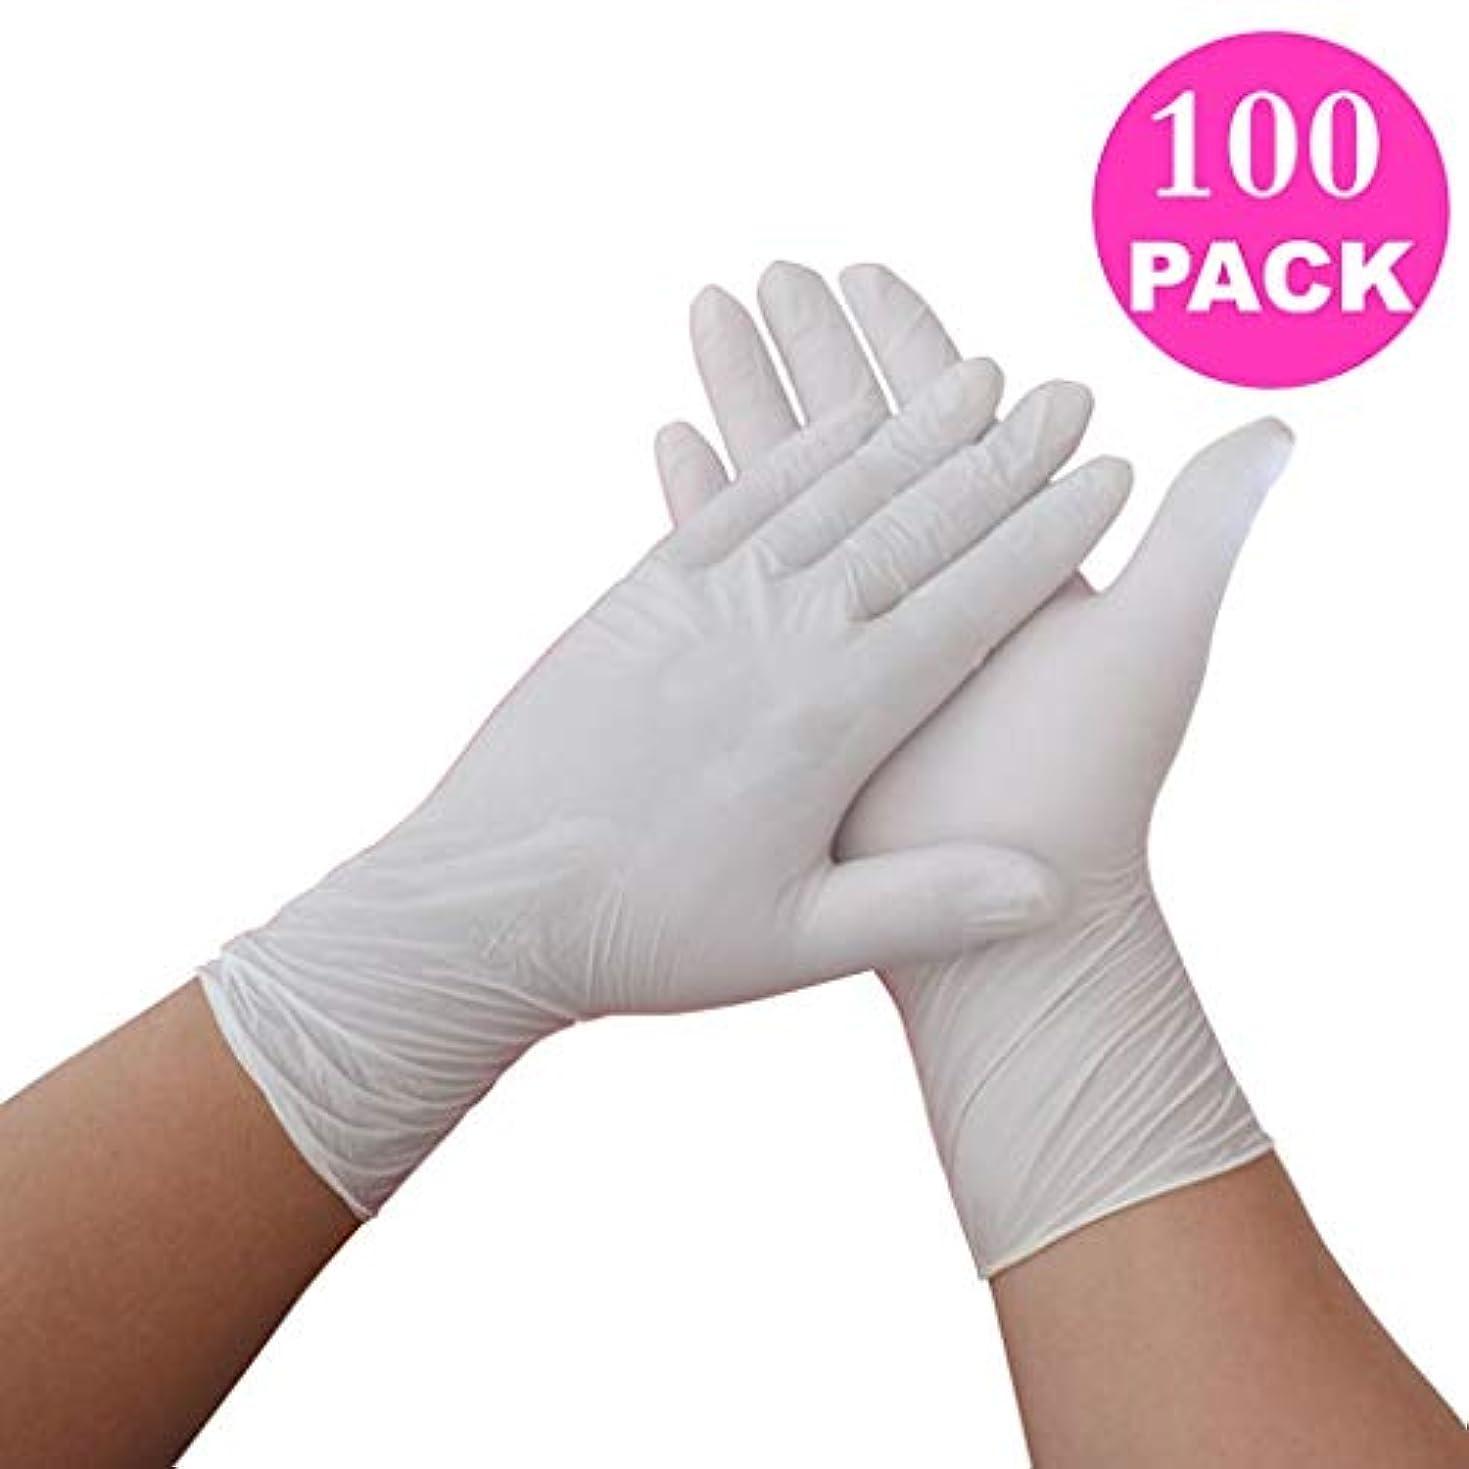 章返還飛ぶ病院ラテックスNitrileLatexパック毎のゴム白ニトリル実験室外科gloves100 (Color : White, Size : S)